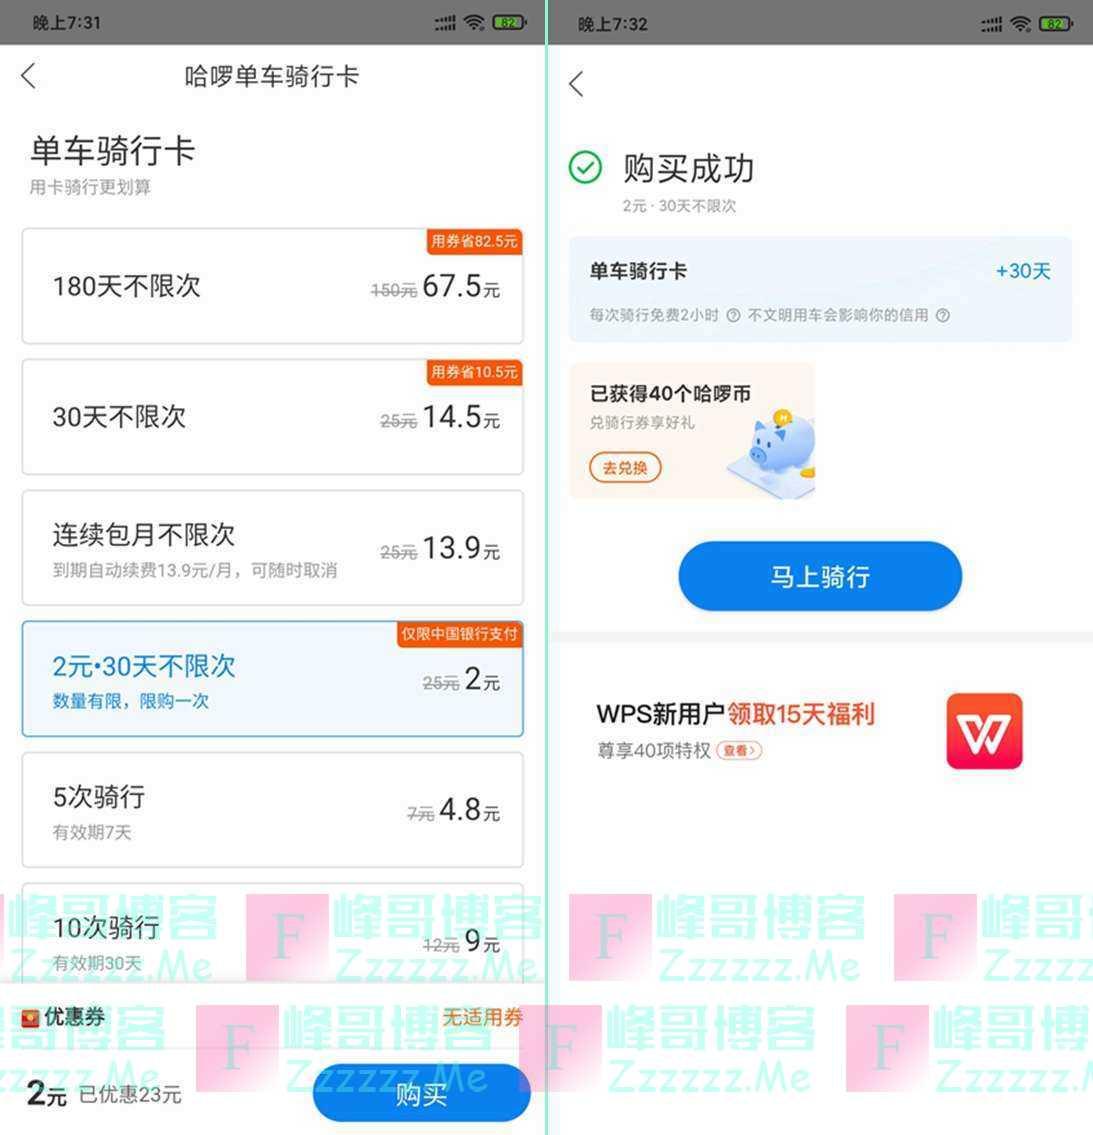 中国银行卡2元购哈罗单车骑行卡30天活动